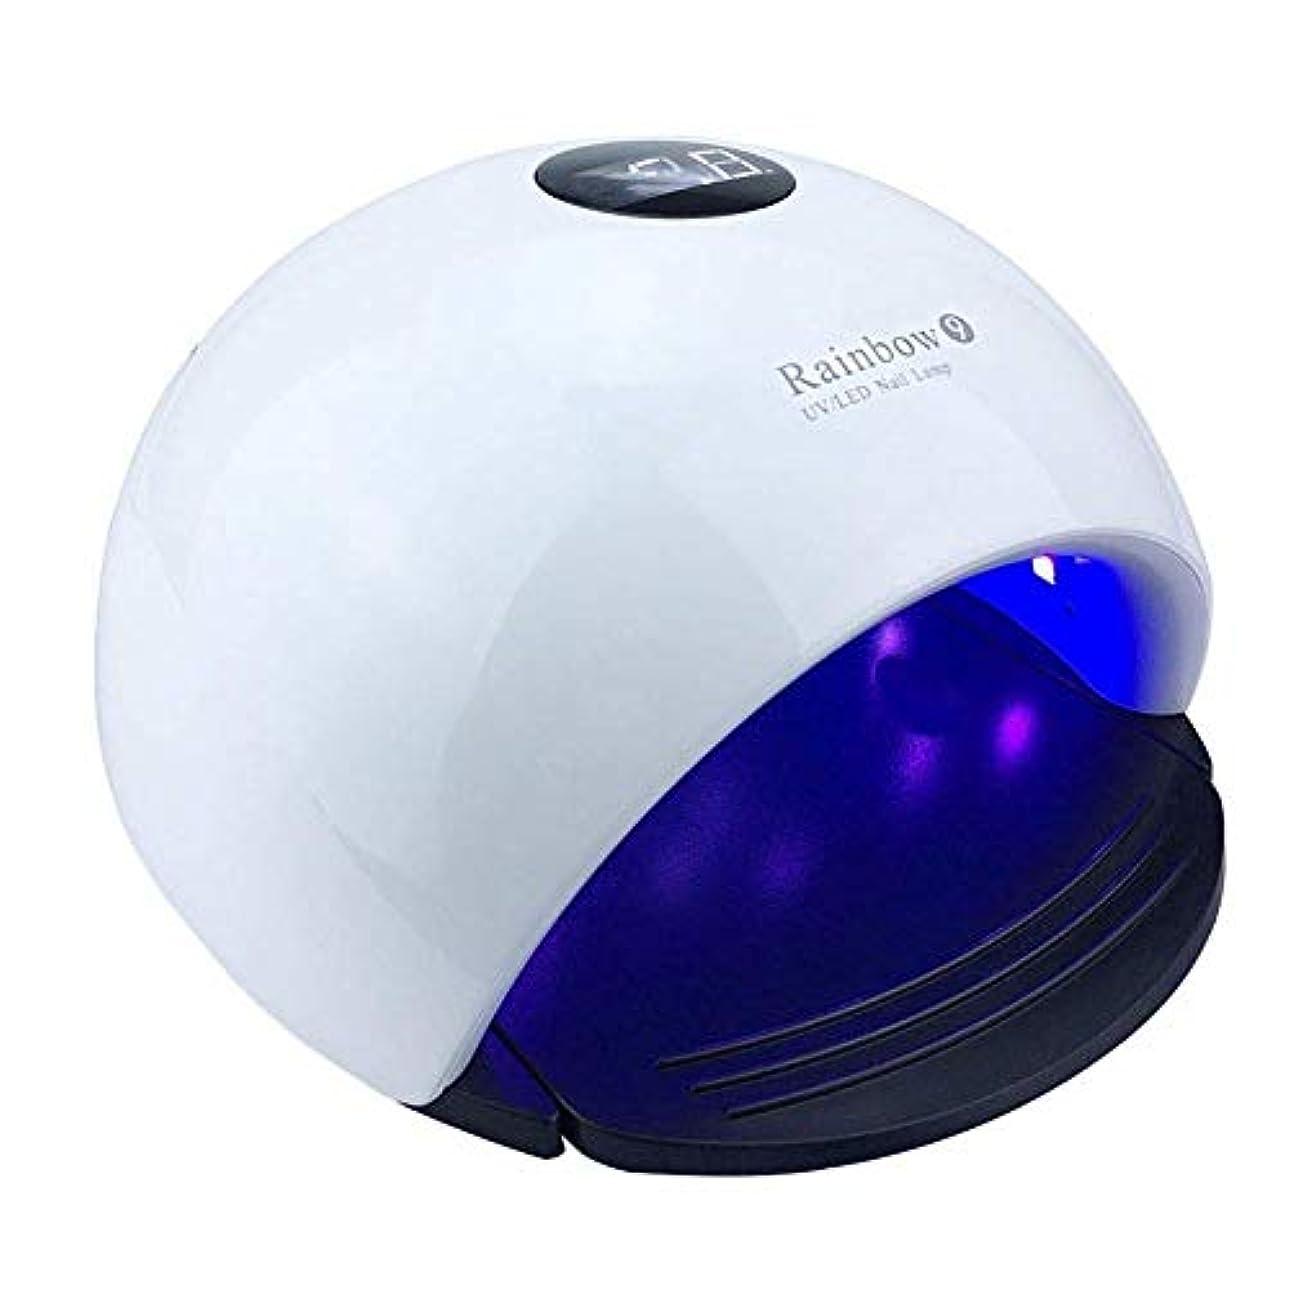 持参ラグオーバーフローネイルドライヤーRainbow 9 UV Light 48Wネイルドライヤー24個入りLEDランプネイル用UV LEDネイルランプジェルネイル用硬化ポリッシュマニキュアツール、写真の色